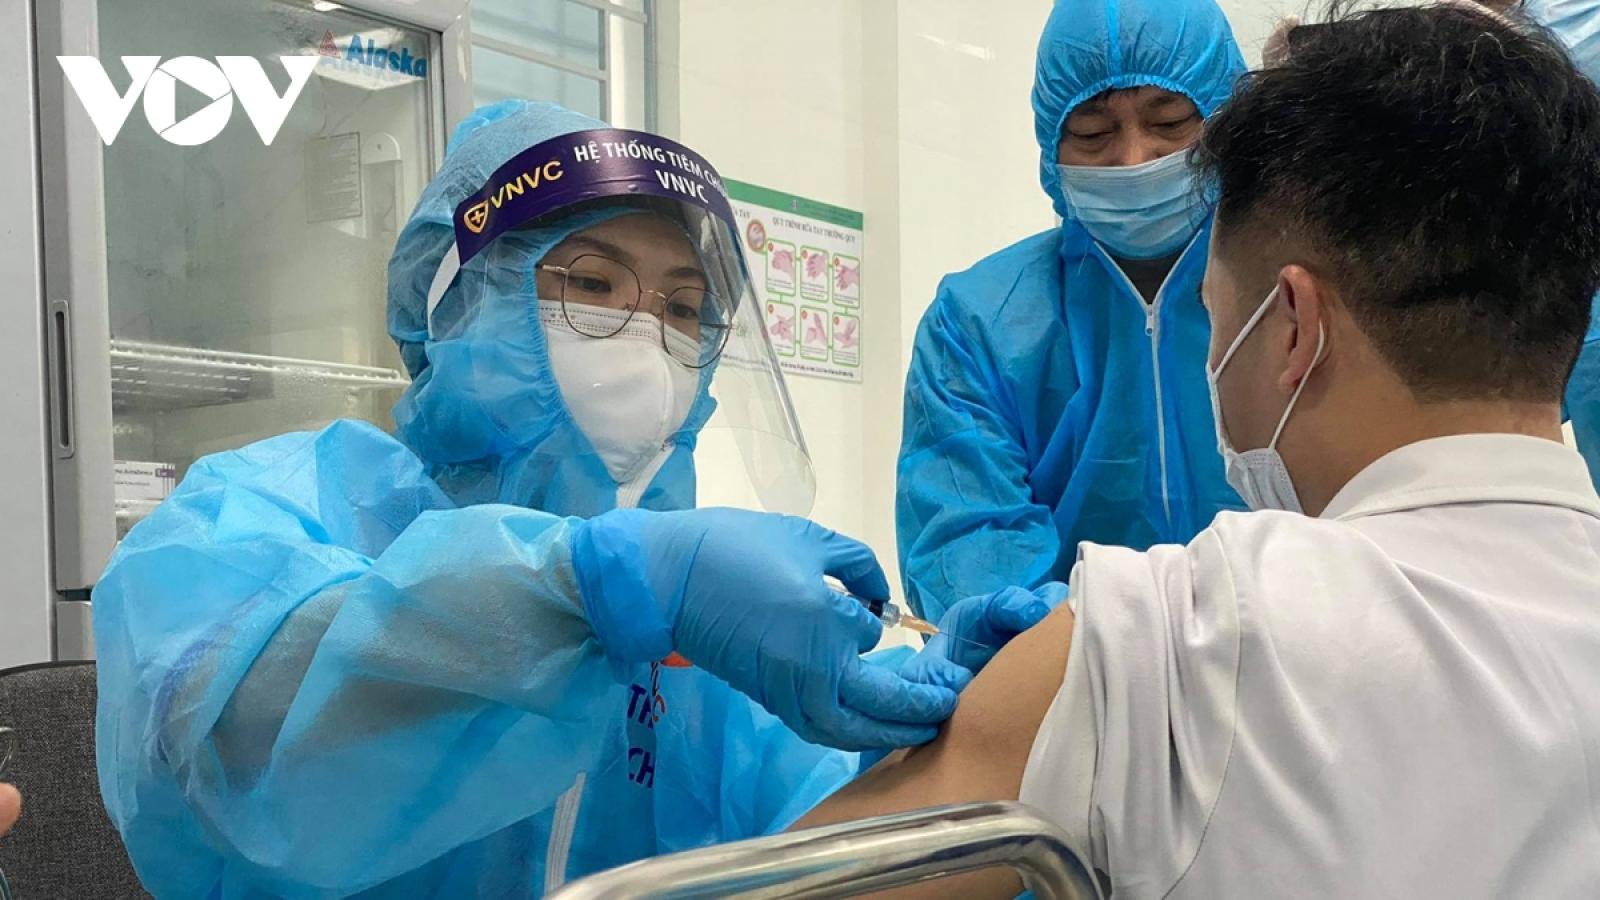 Hà Nội mở rộng đối tượng tiêm chủng với 50.000 liều vaccine Covid-19 trong đợt 2